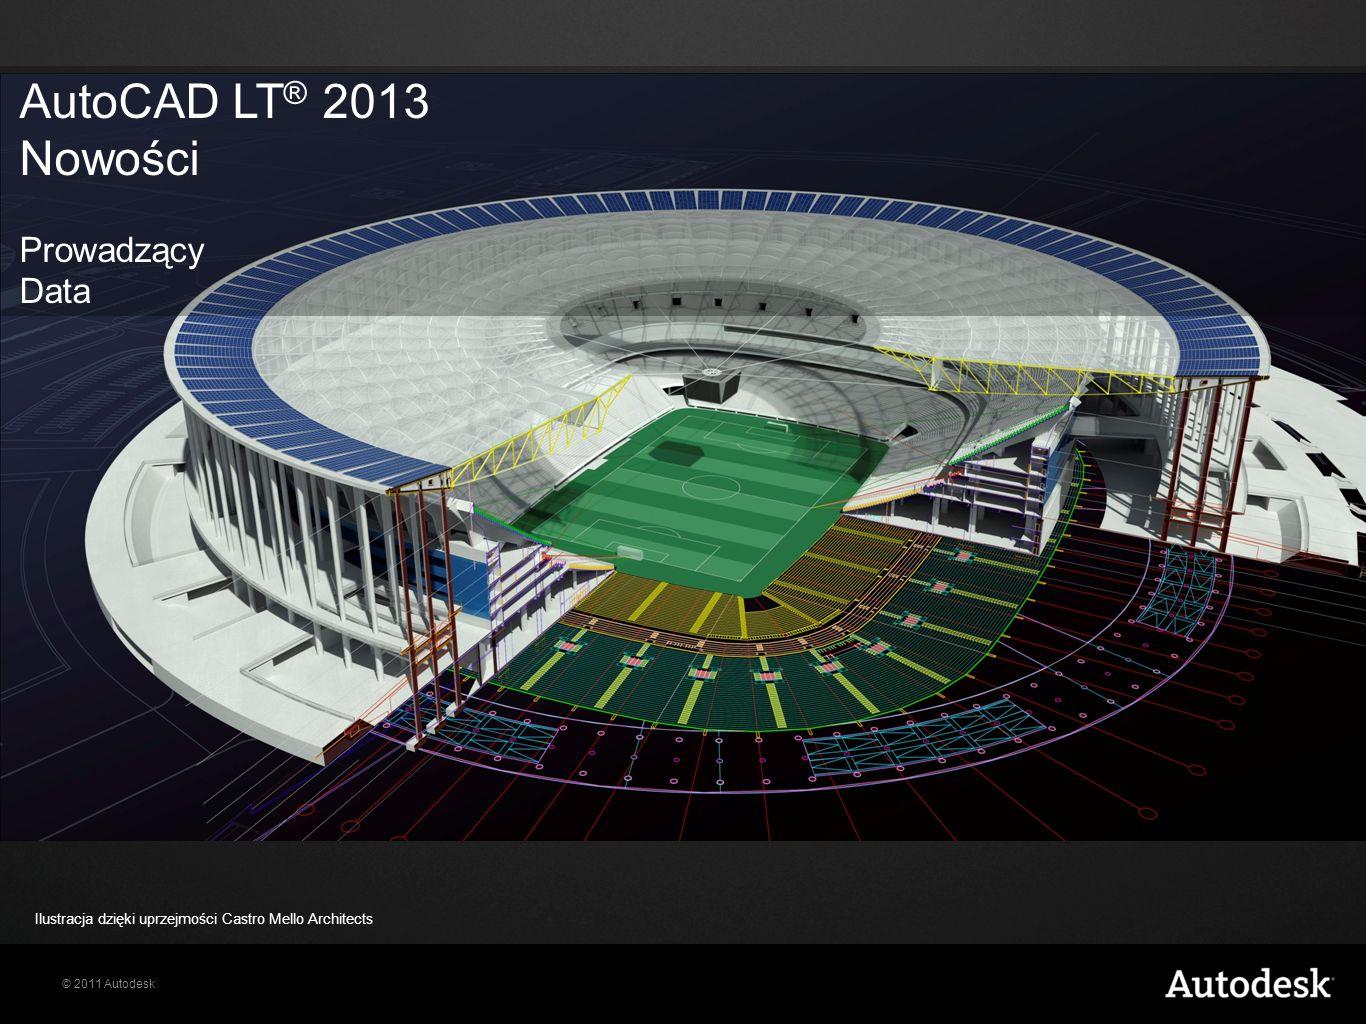 © 2011 Autodesk AutoCAD LT ® 2013 Nowości Prowadzący Data Ilustracja dzięki uprzejmości Castro Mello Architects